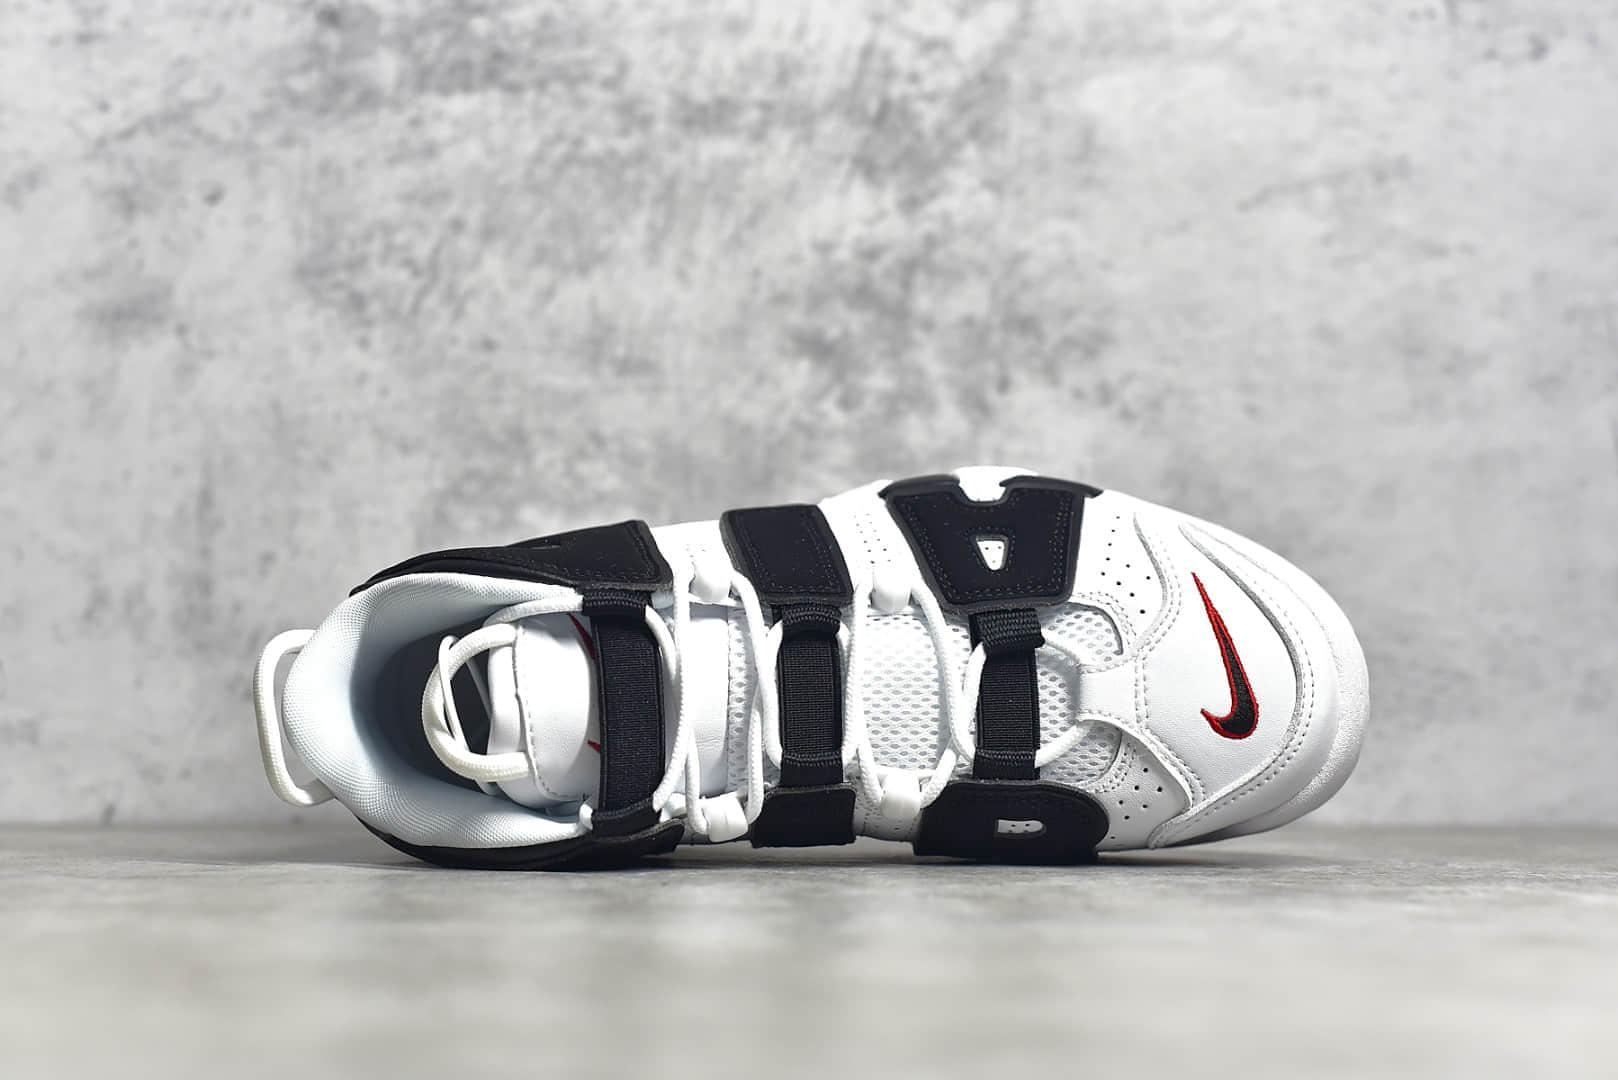 耐克皮蓬熊猫黑白高帮篮球鞋 NIKE AIR MORE UPTEMPO 耐克正品原厂材料打造皮蓬实战球鞋 货号:414962-105-潮流者之家